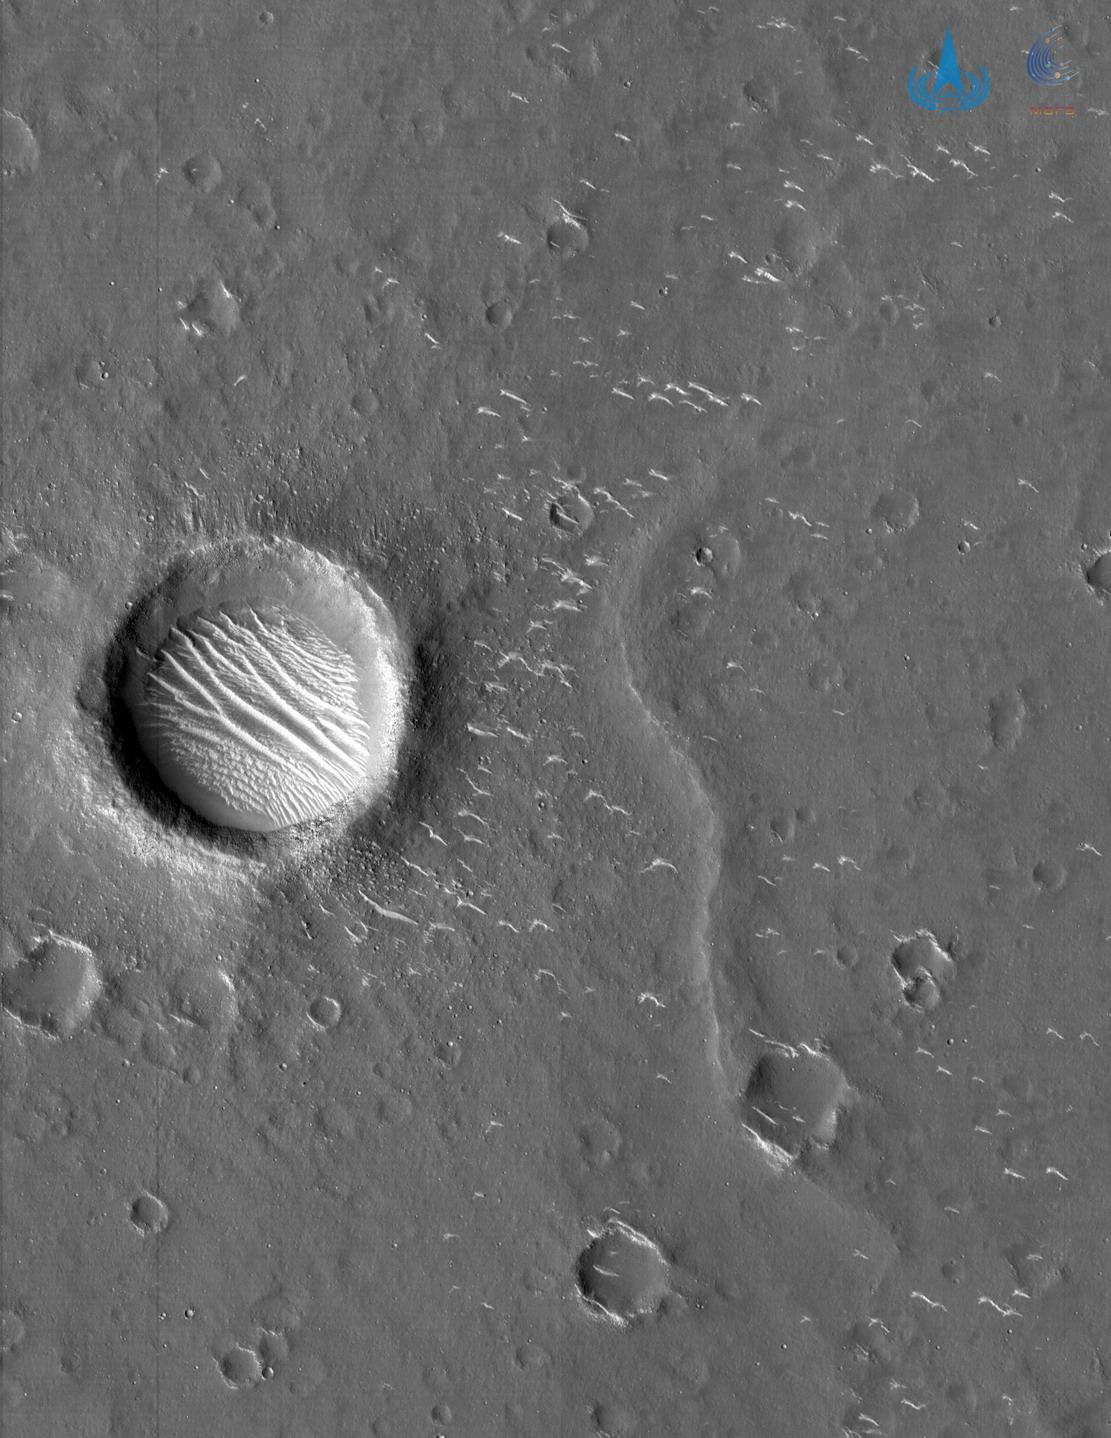 """国家航天局发布""""天问一号""""探测器拍摄的高清火星影像图"""